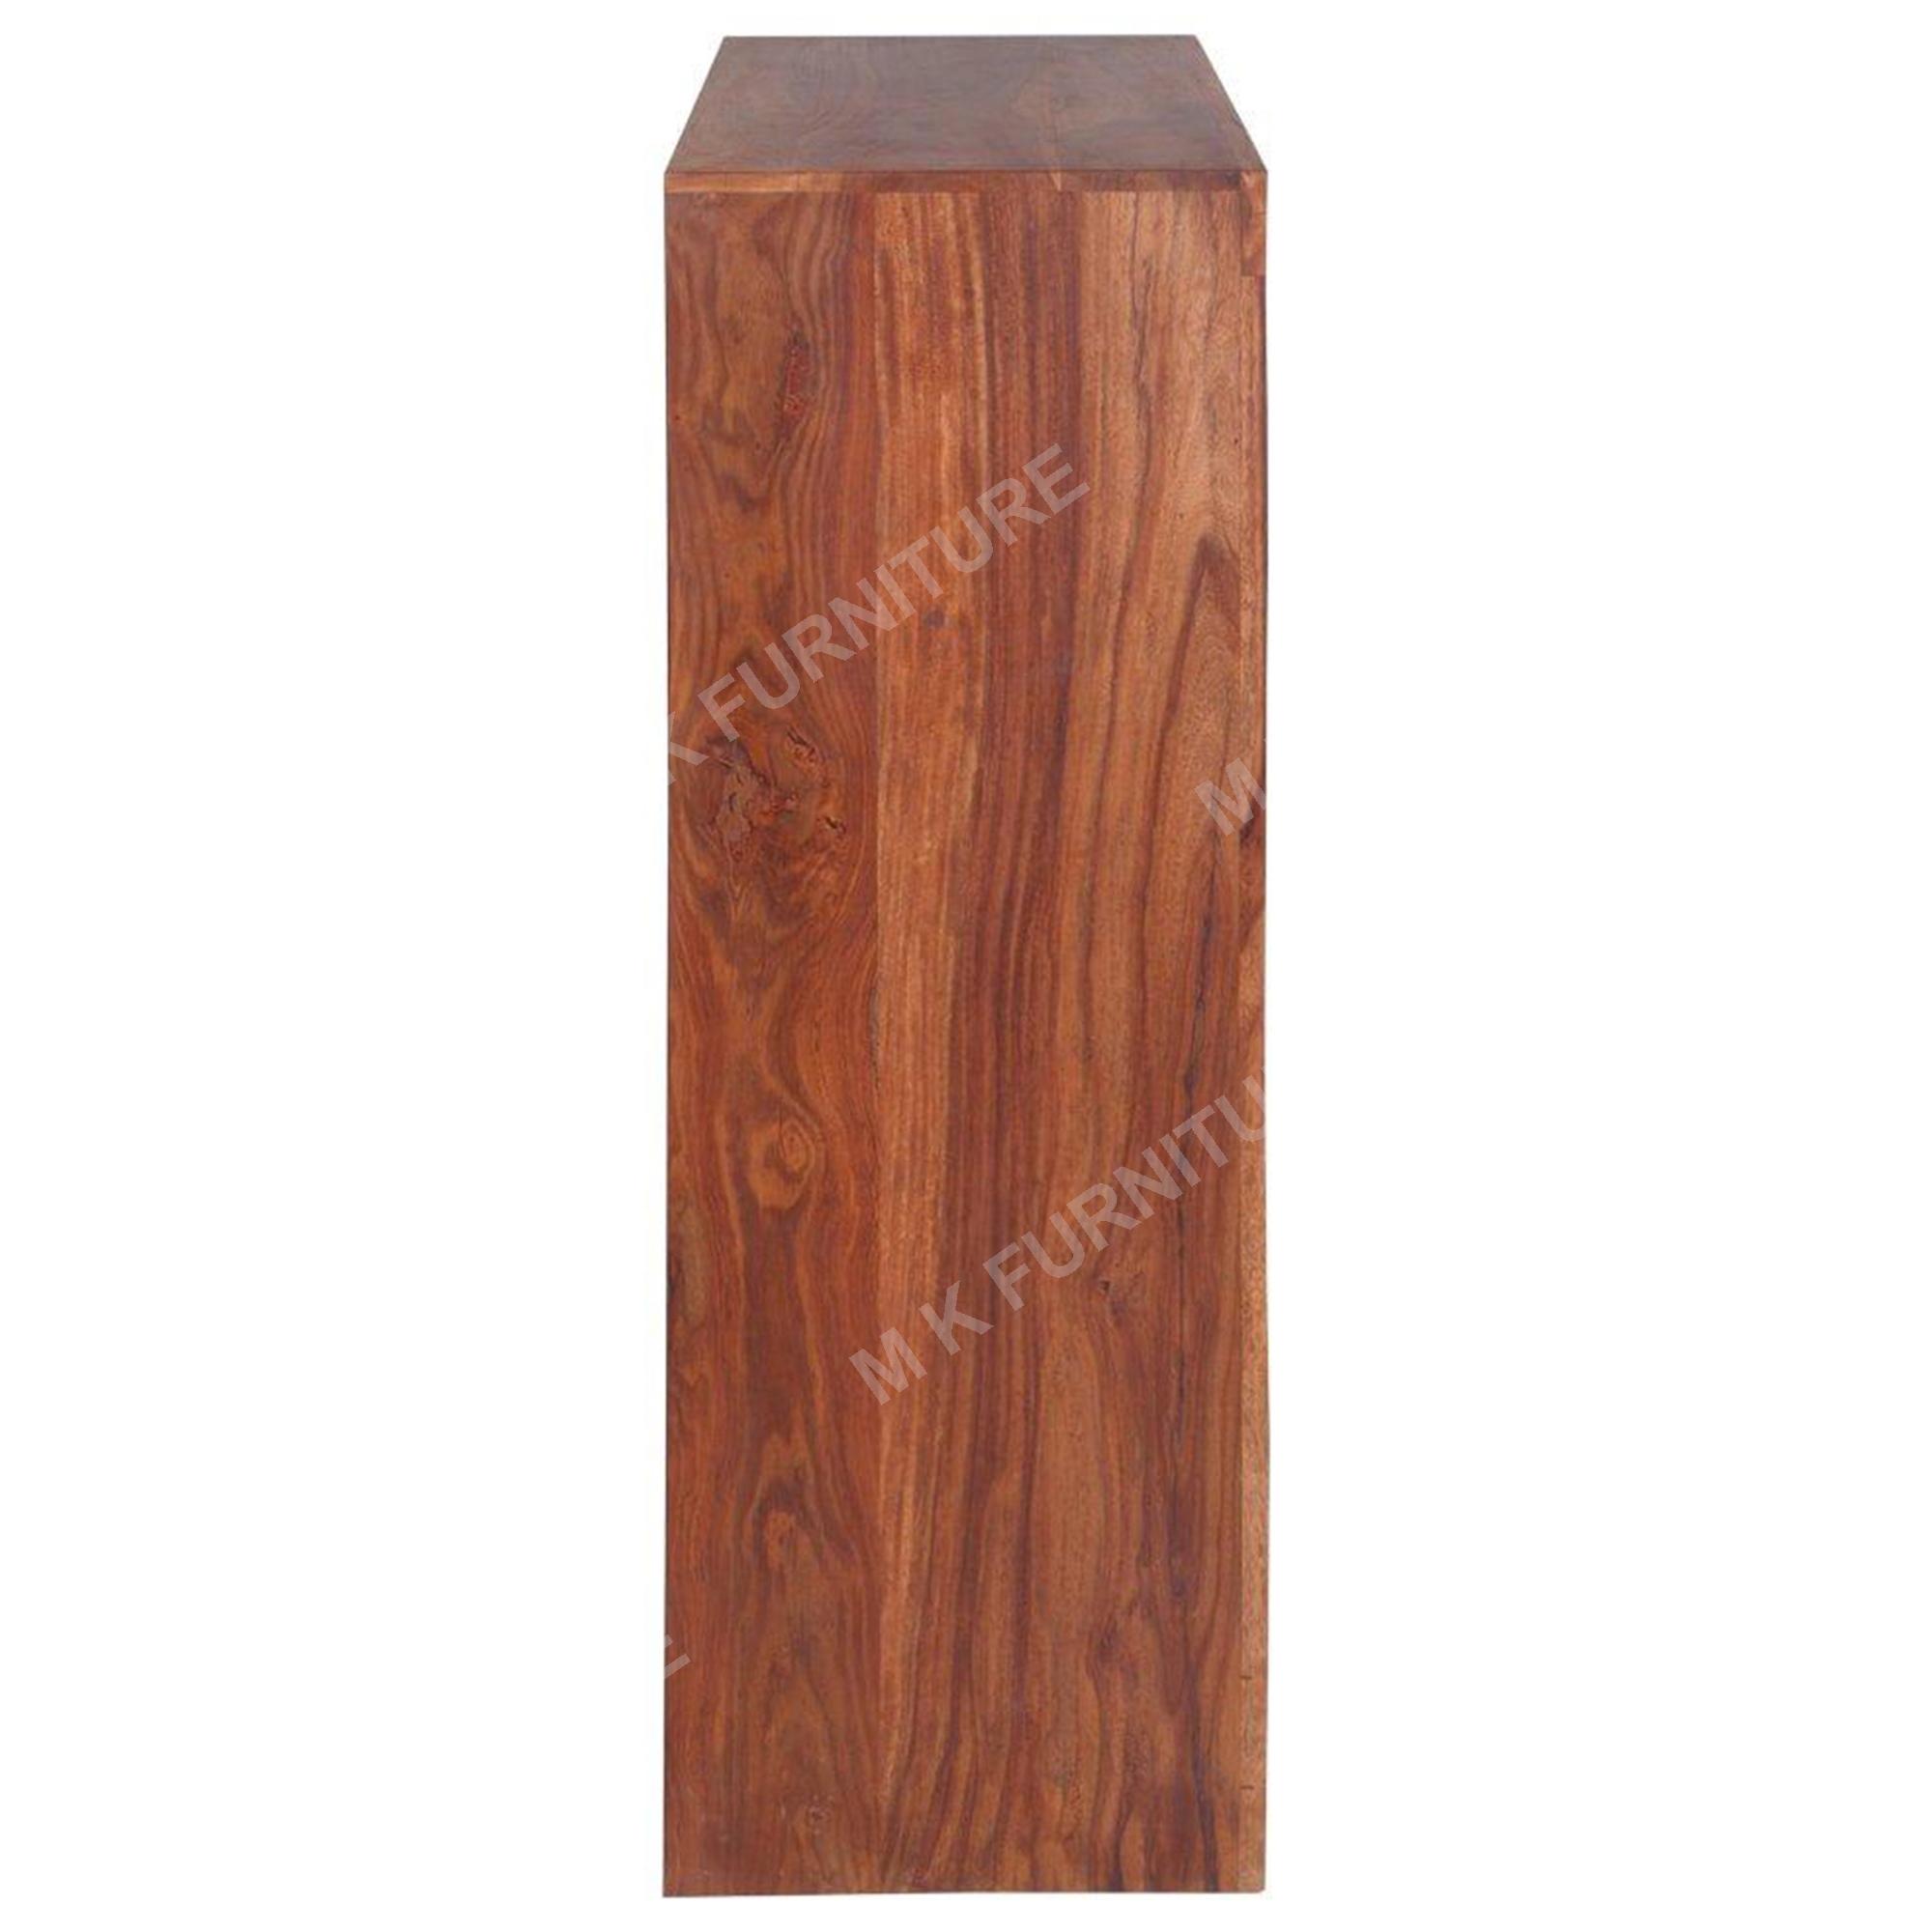 Solid Wood Wine Rack-Light Walnut